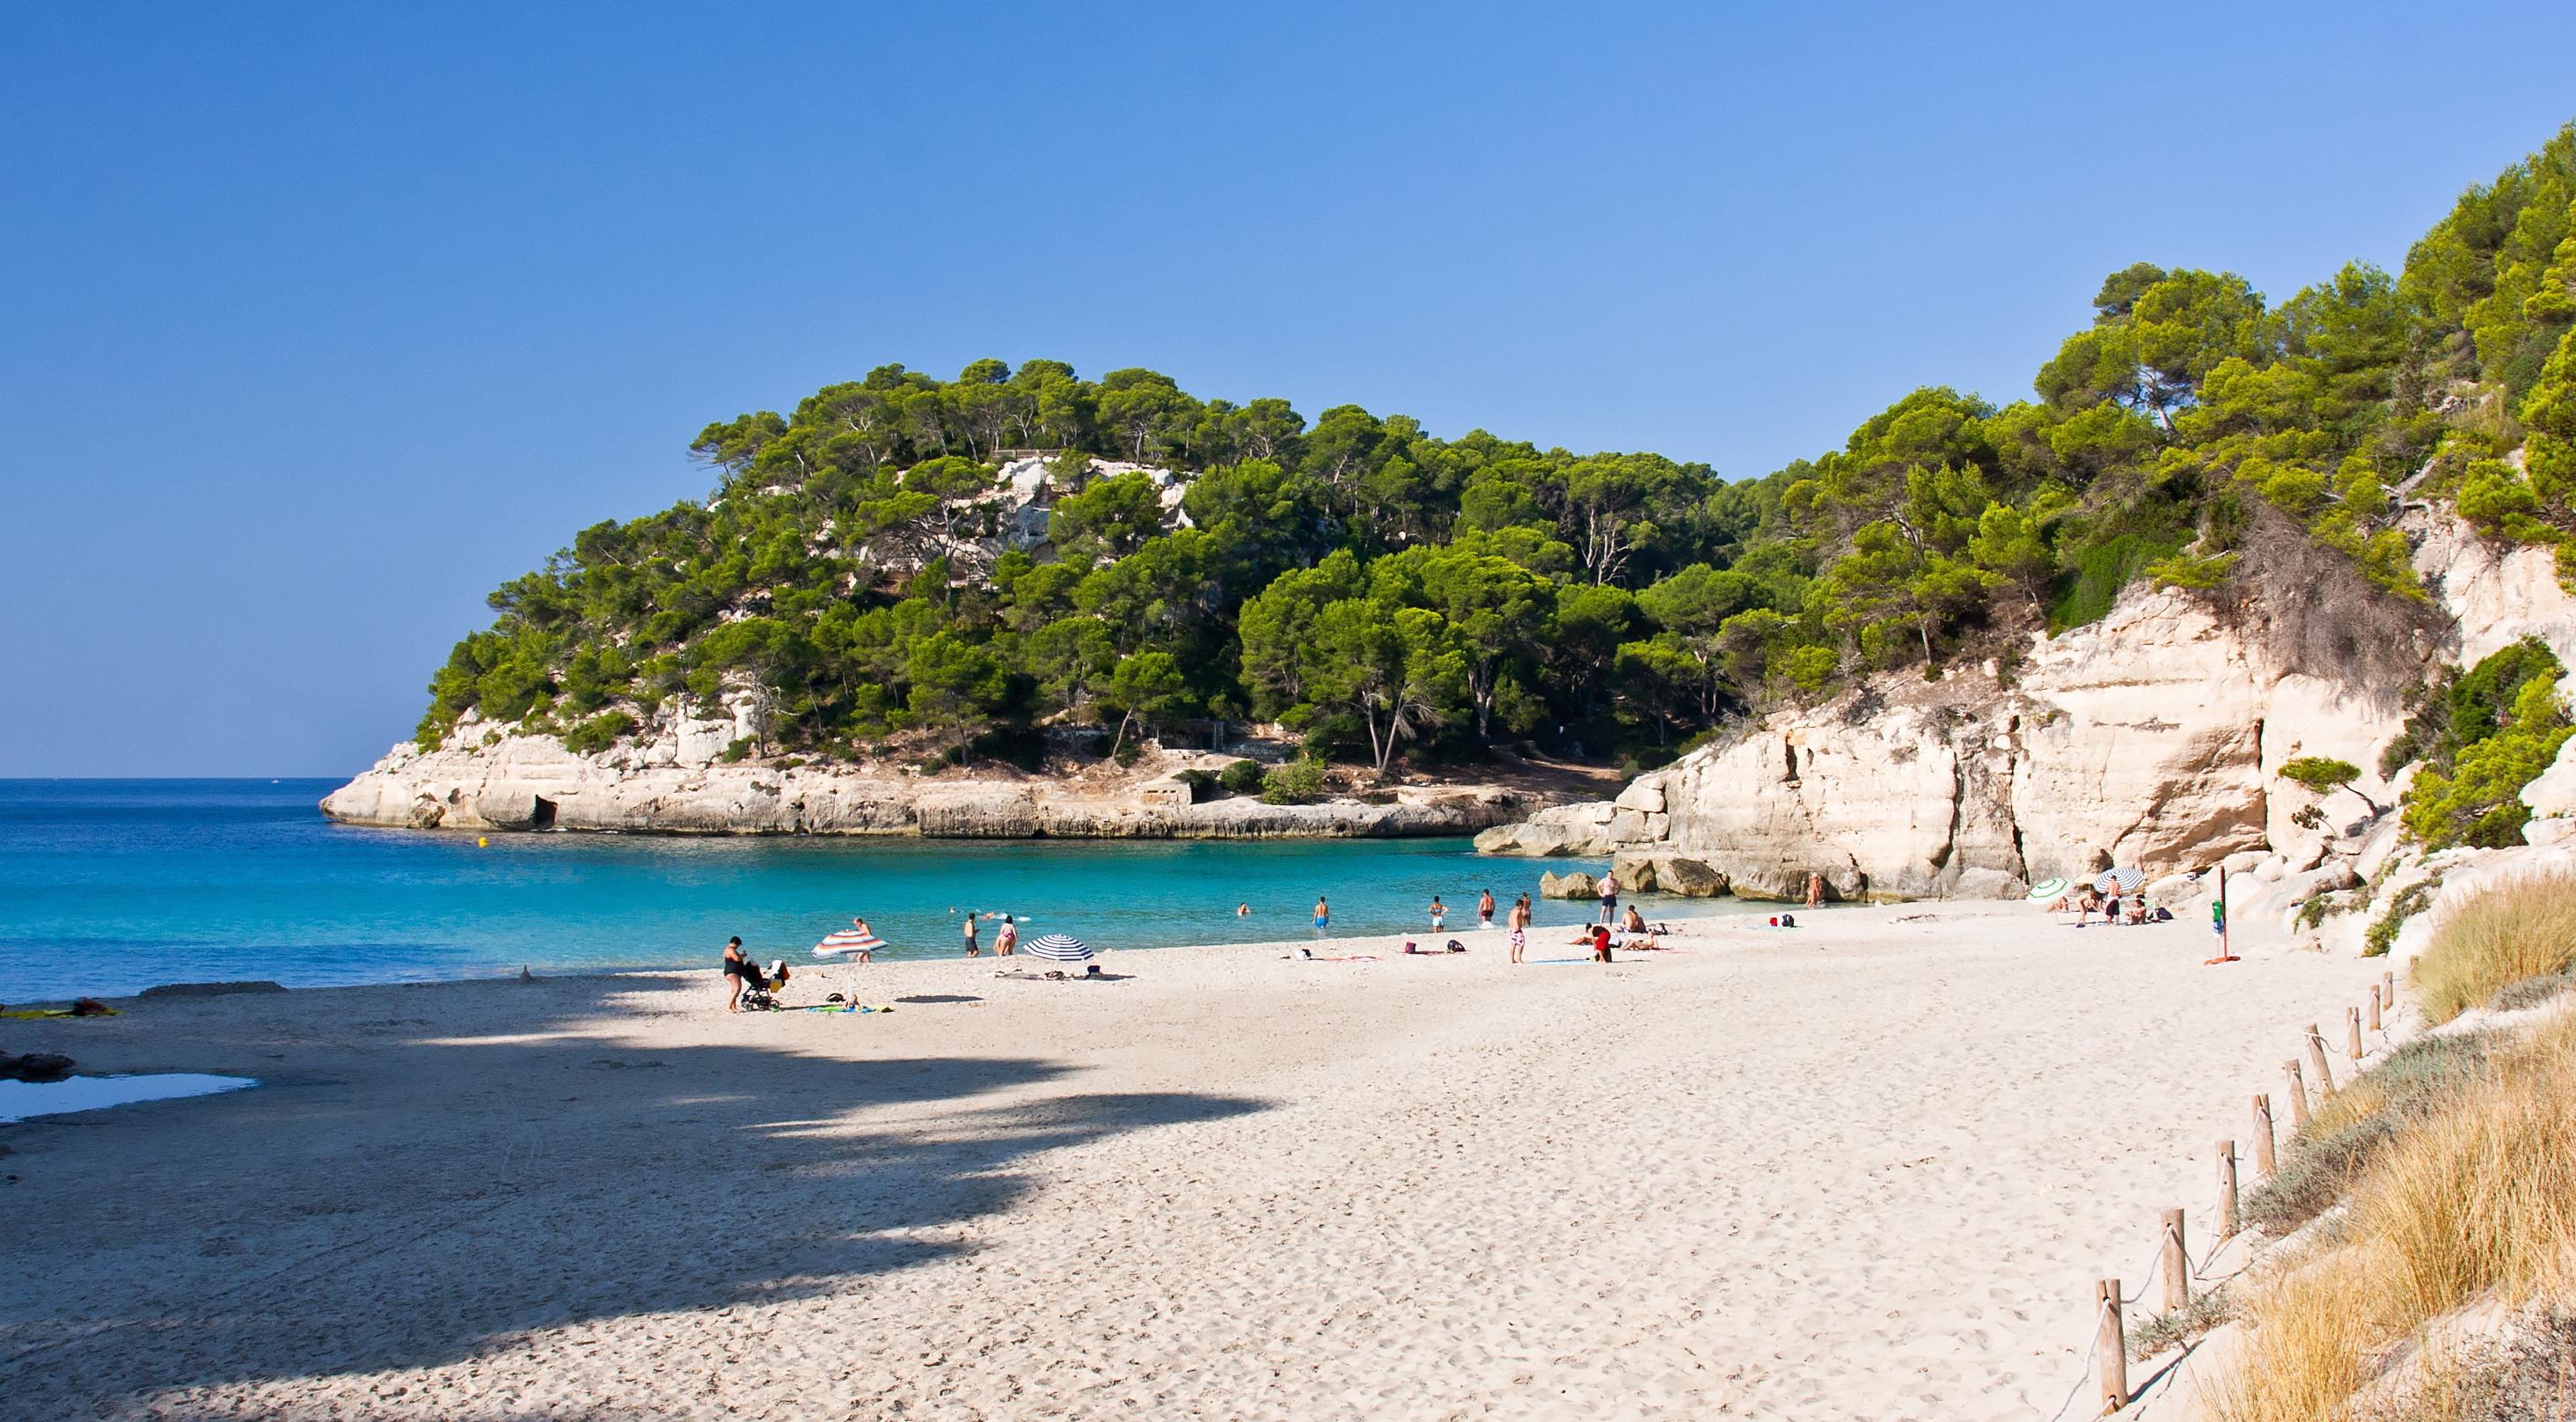 La gloriosa y vibrante playa de Cala Mitjana es la joya esmeralda de Menorca, España: el oasis español notable, anhelado y escondido que ofrece fantasías infinitas en un pequeño pedazo de paraíso. Los acantilados que se extienden por las costas son fáciles de escalar y poseen la altura ideal para sumergirse en las maravillosas aguas debajo